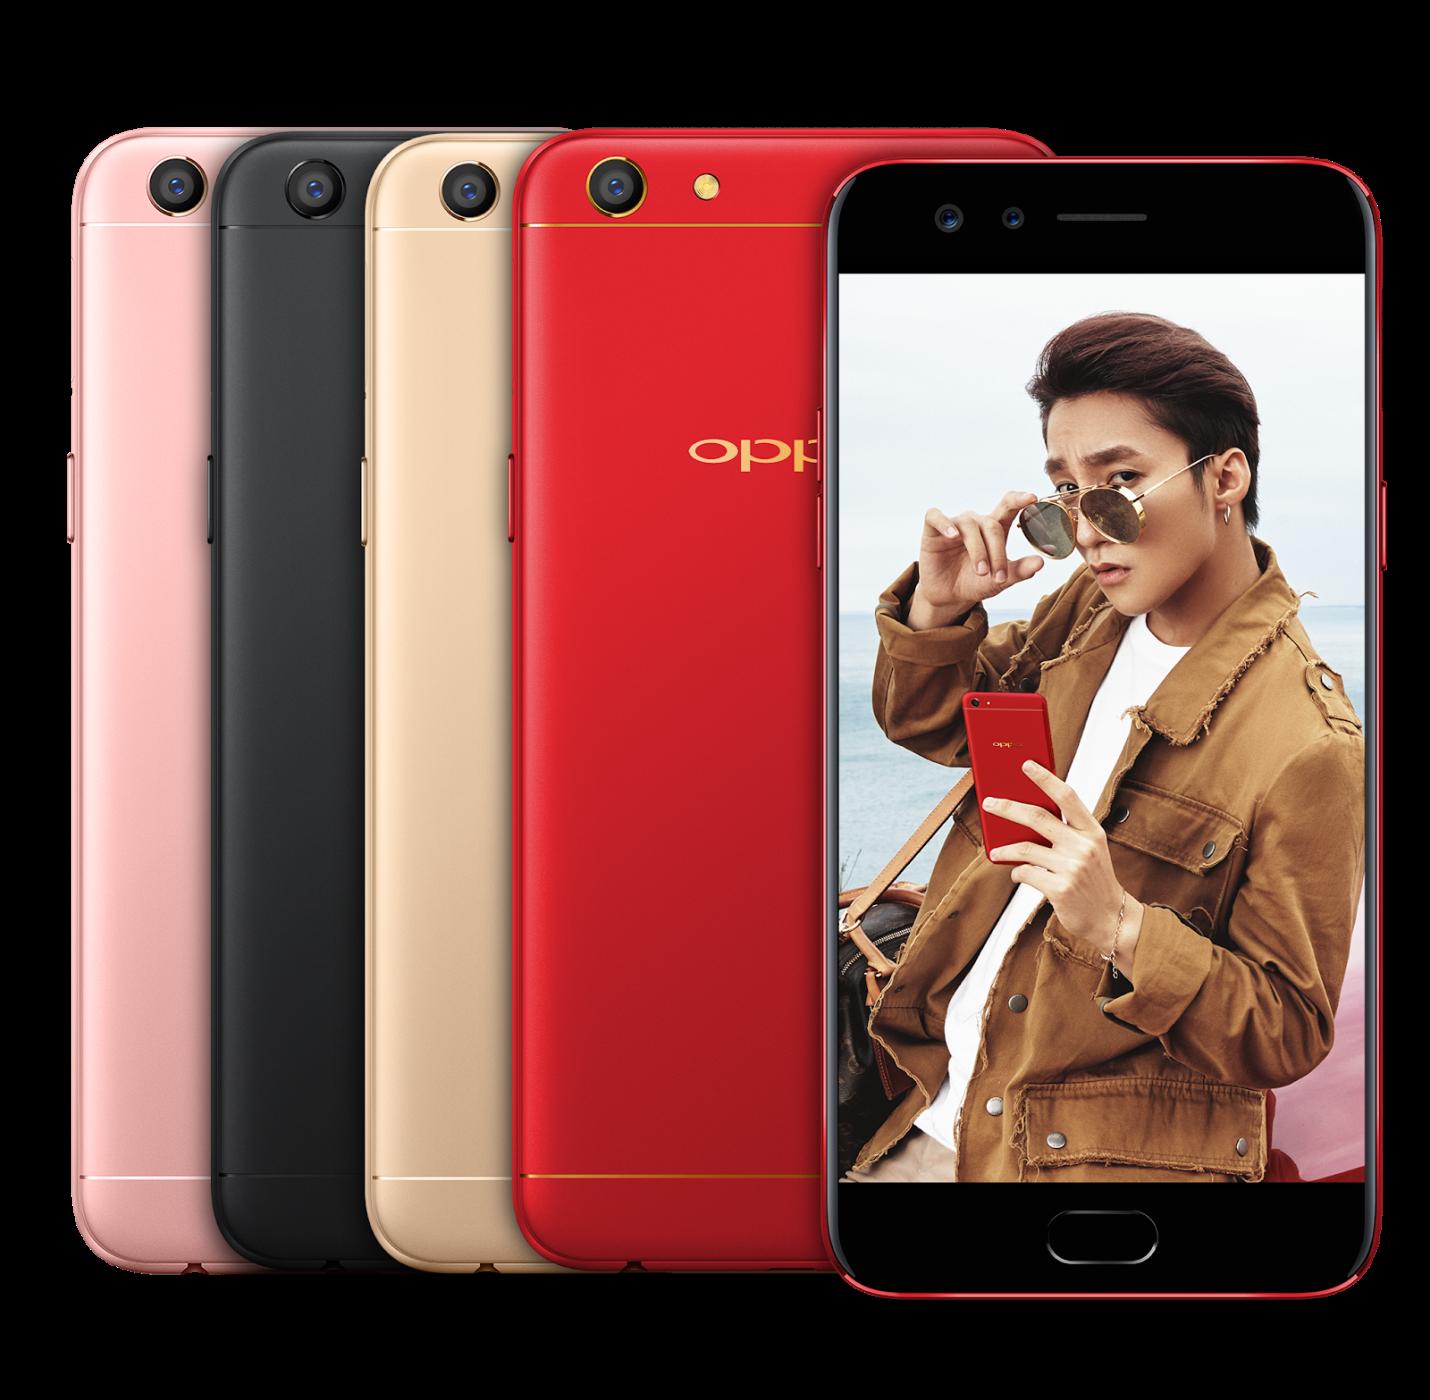 Điện thoại Oppo giảm giá khủng trên Shopee - Ảnh 2.